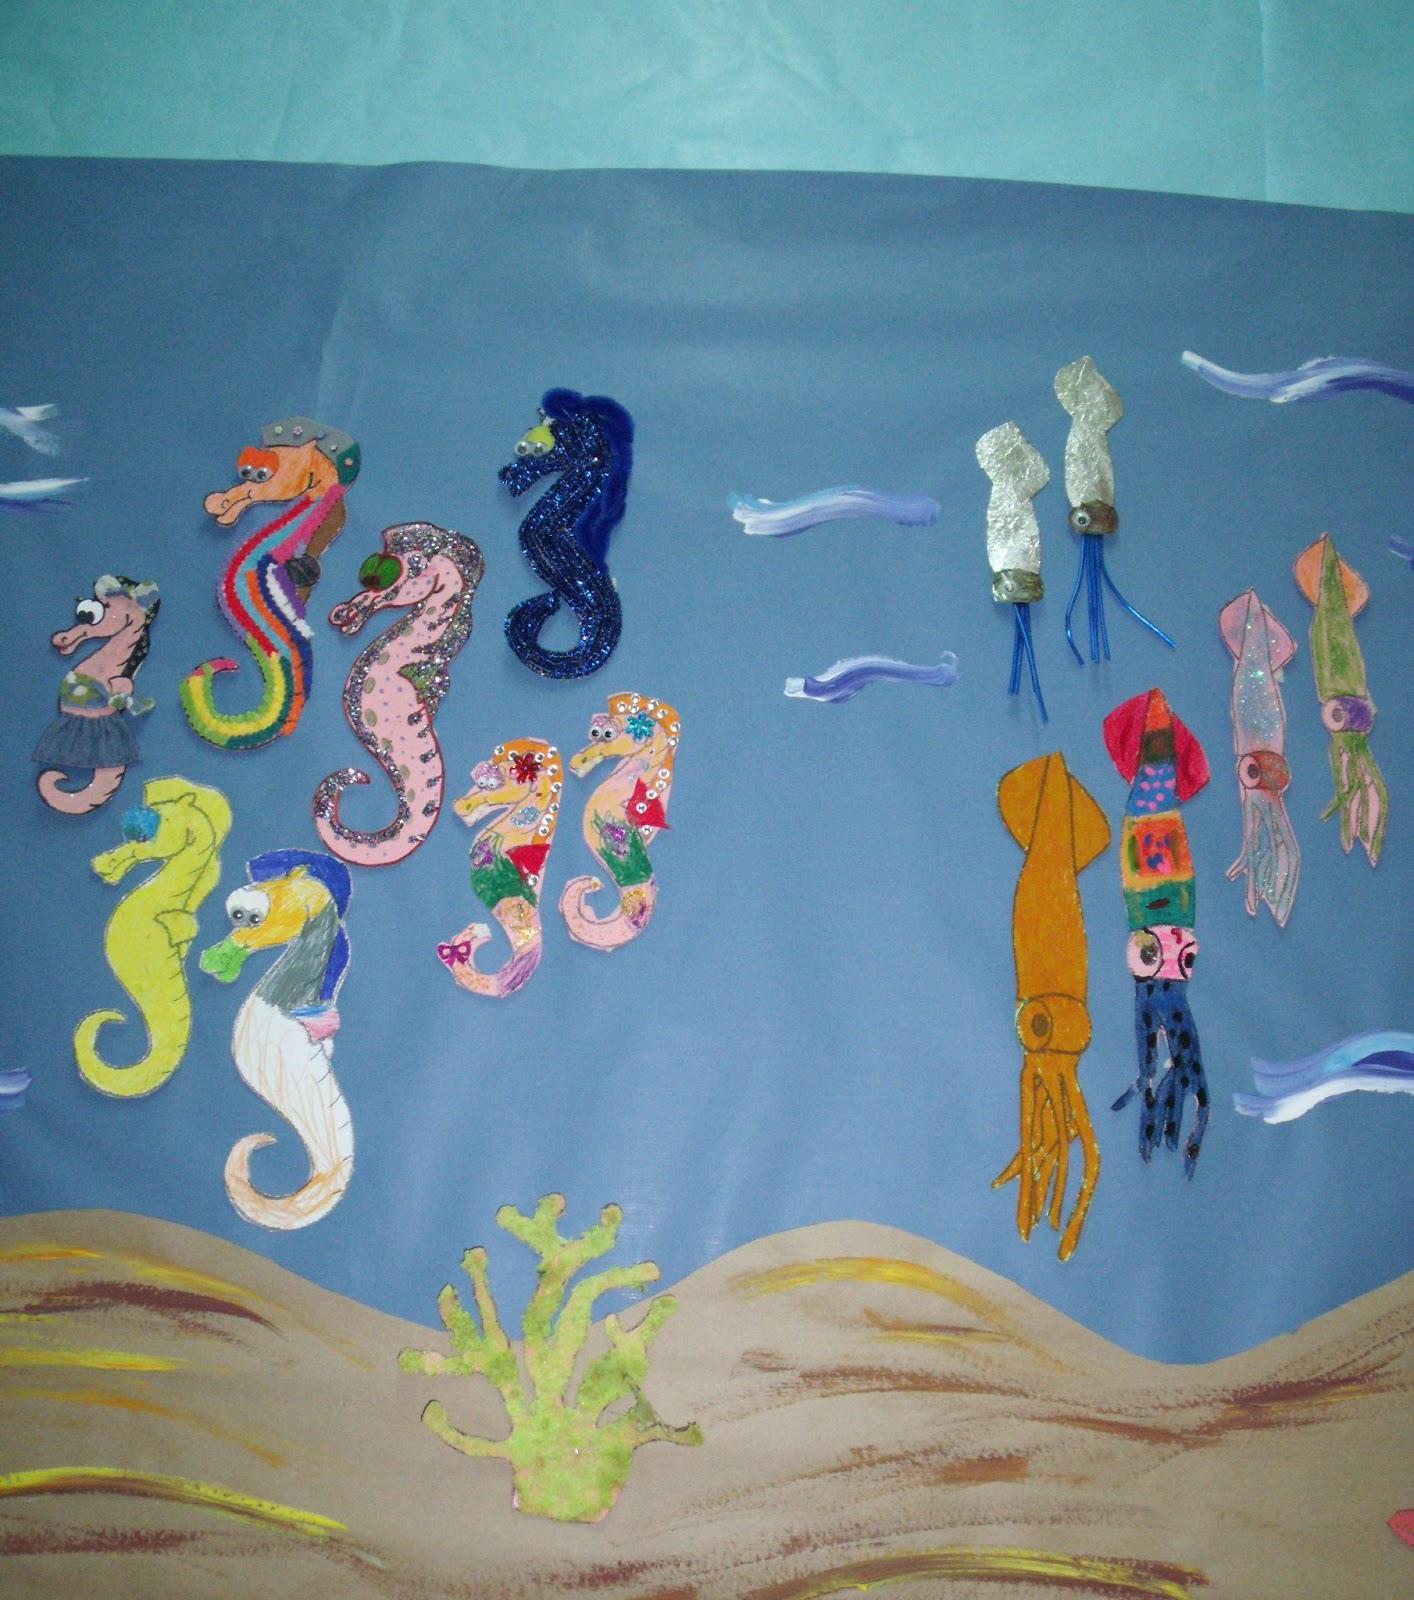 Valdellera Infantil Mural Colectivo El Mar